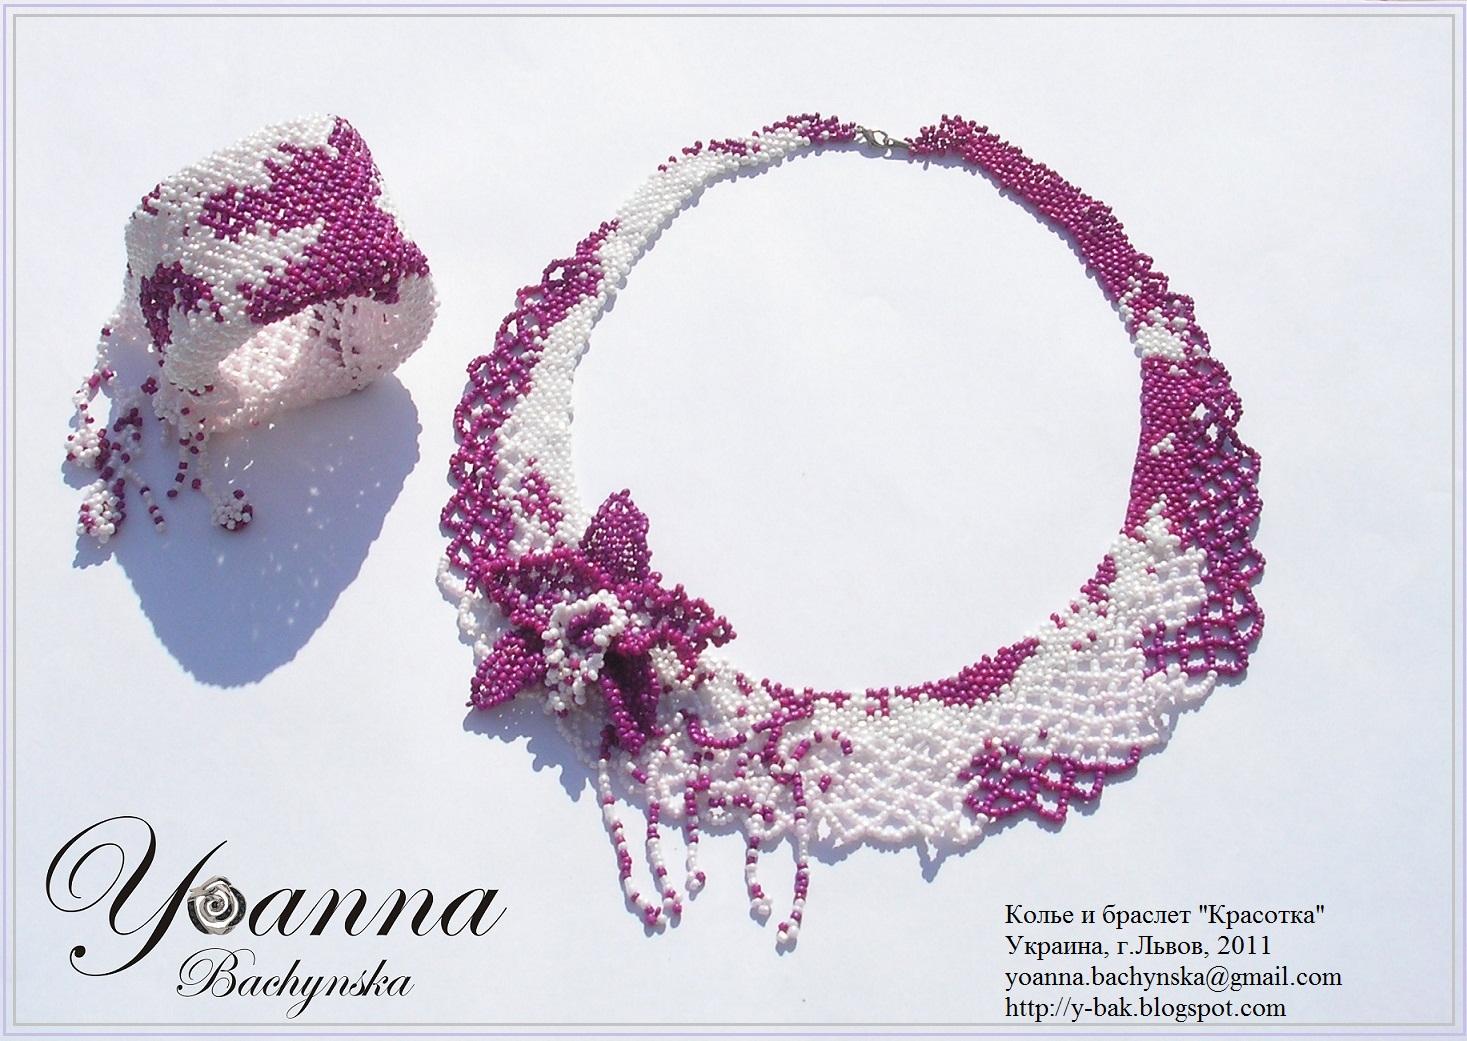 Галерея конкурсных работ - Страница 2 Purple-Krasotka